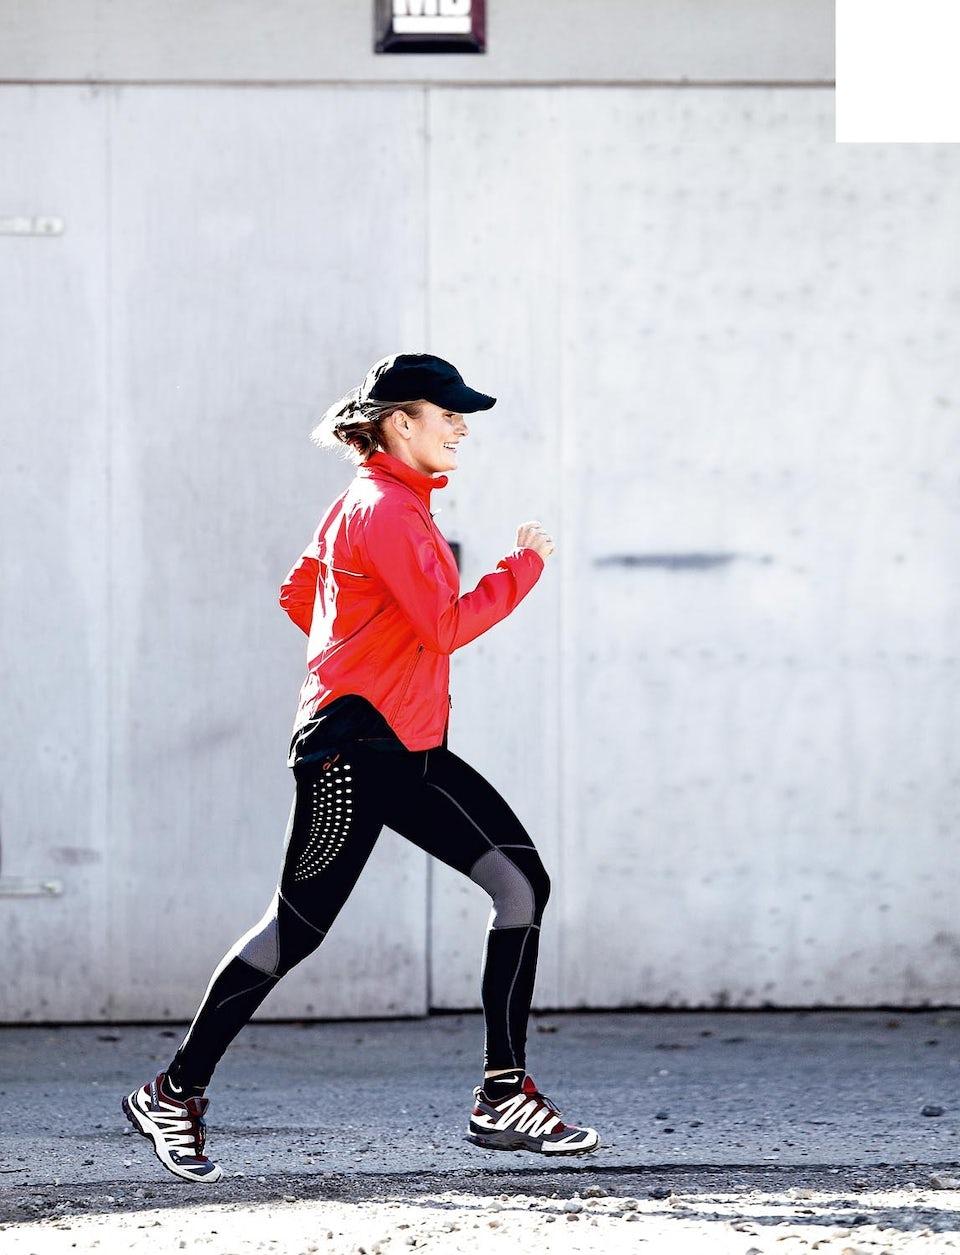 Kvinde ude og løbe og træner